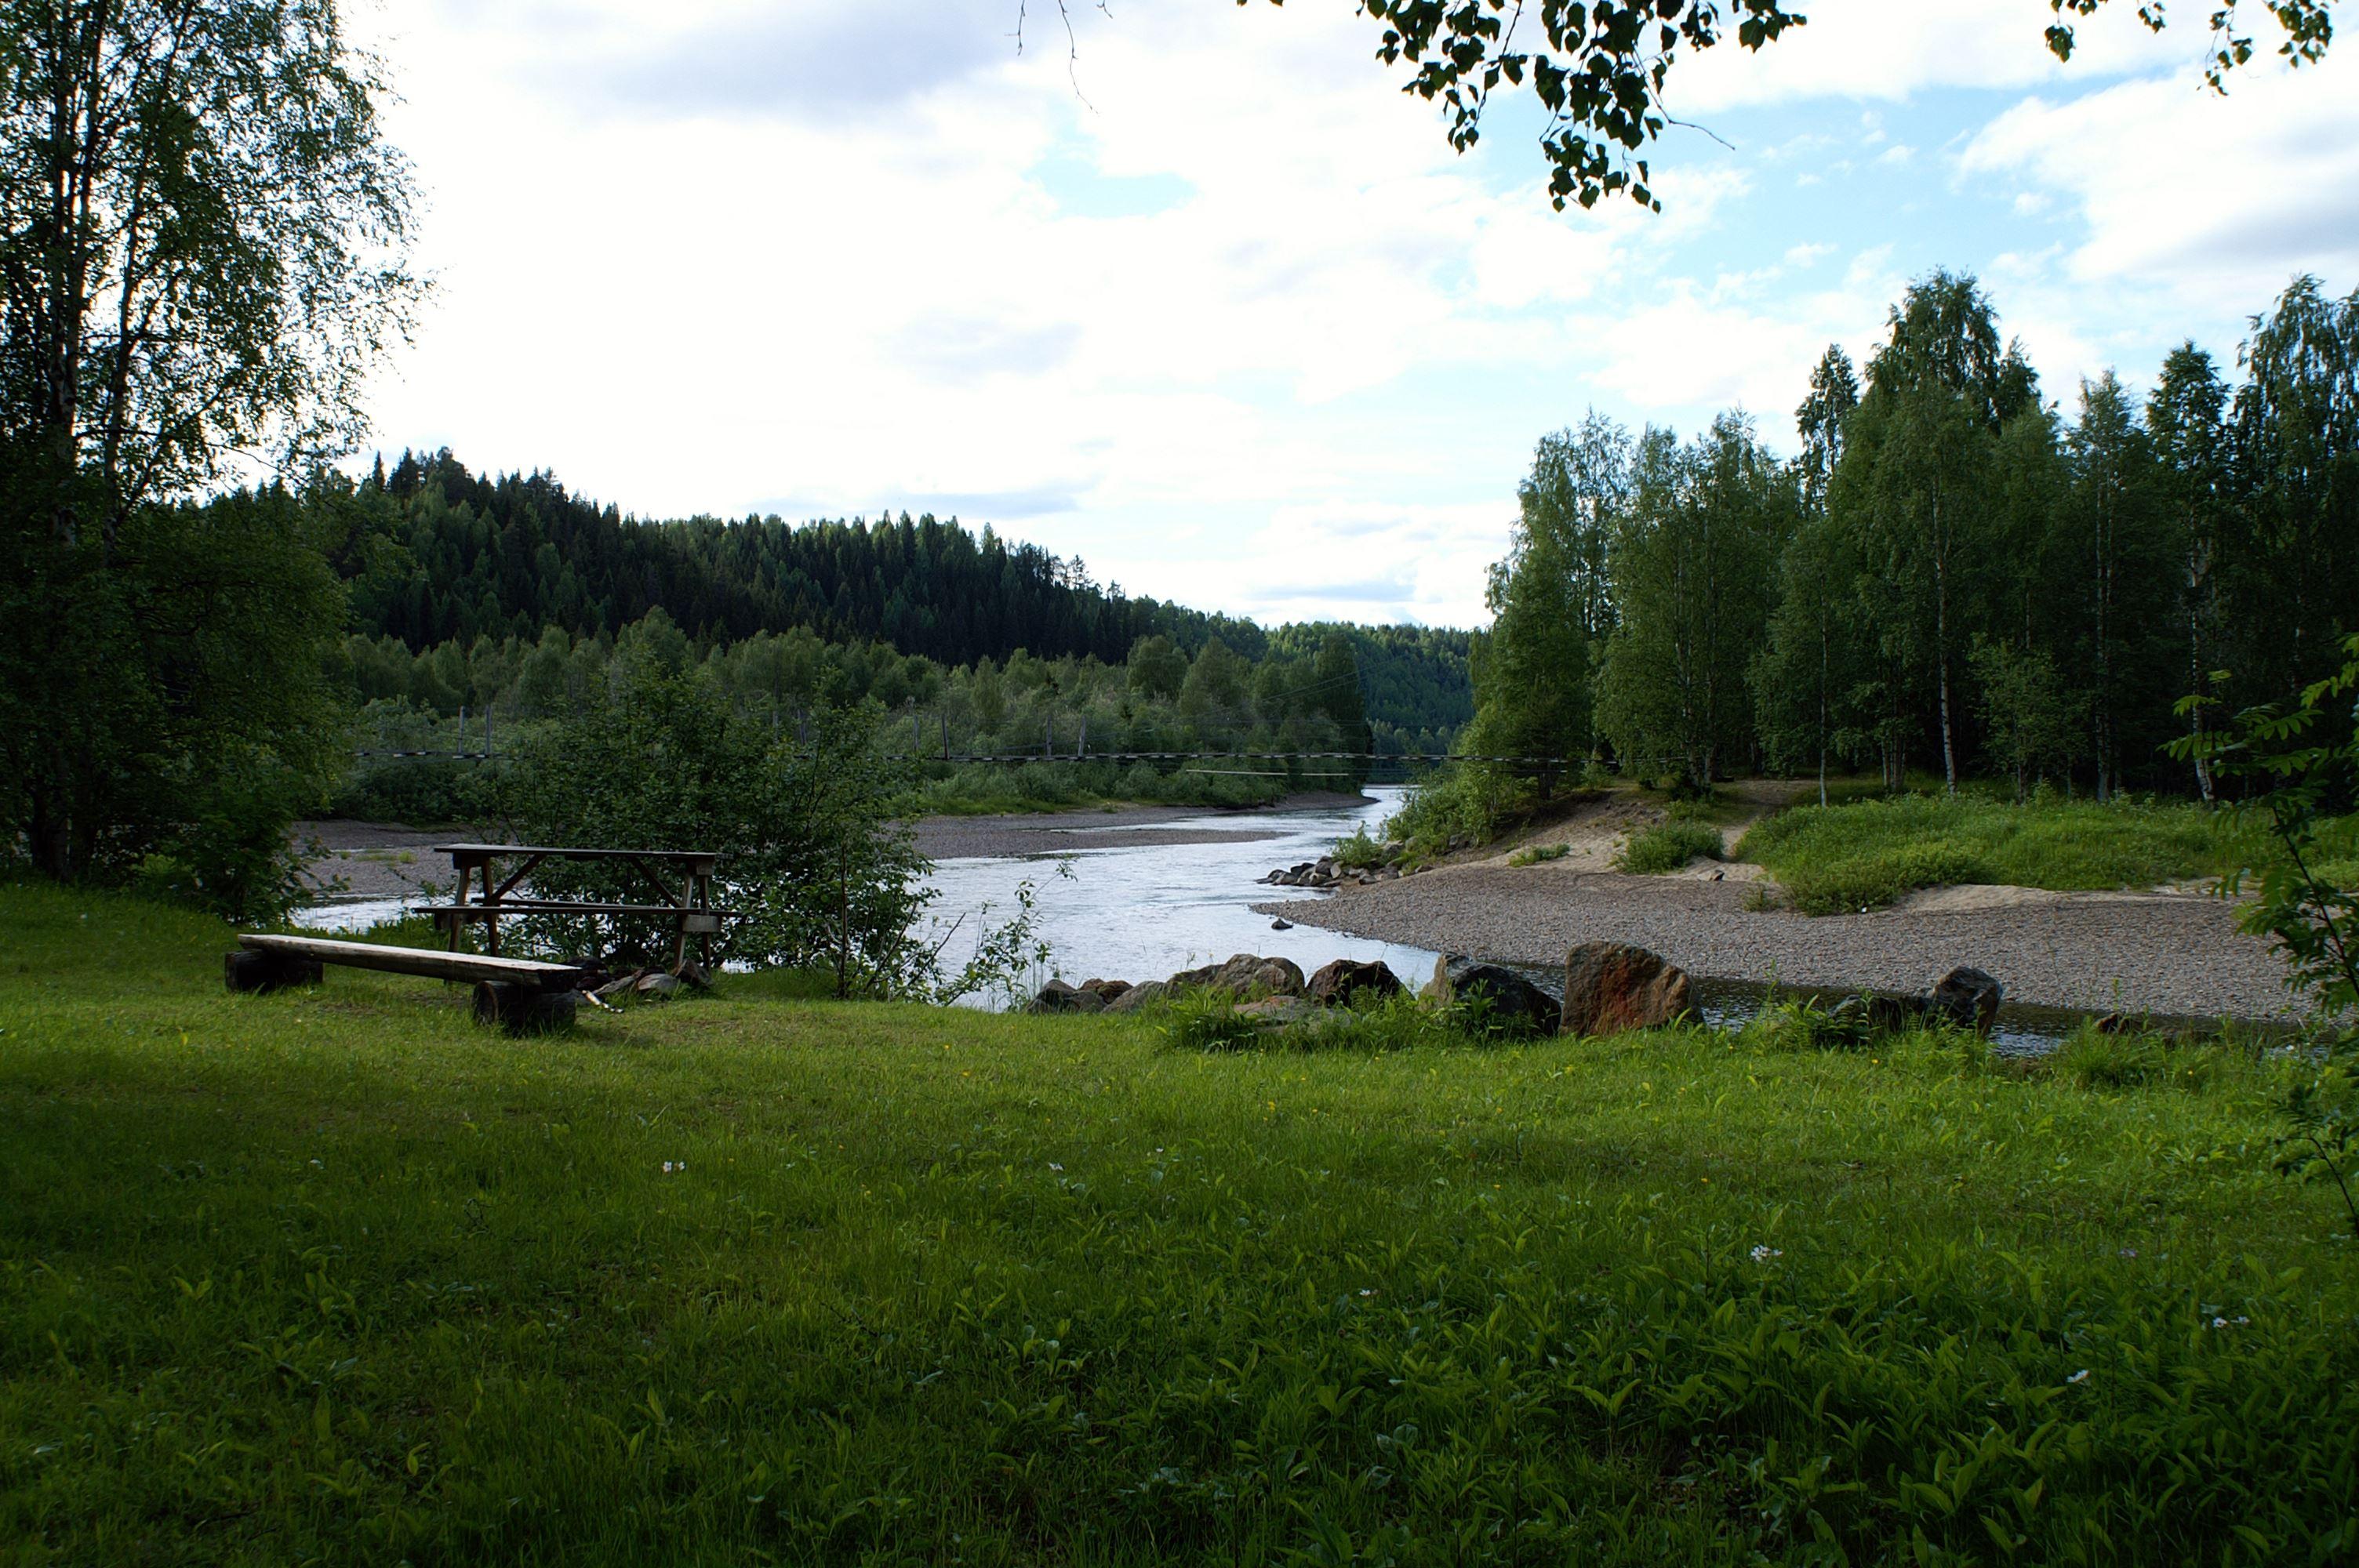 Invigning av Lagnäsets naturreservat